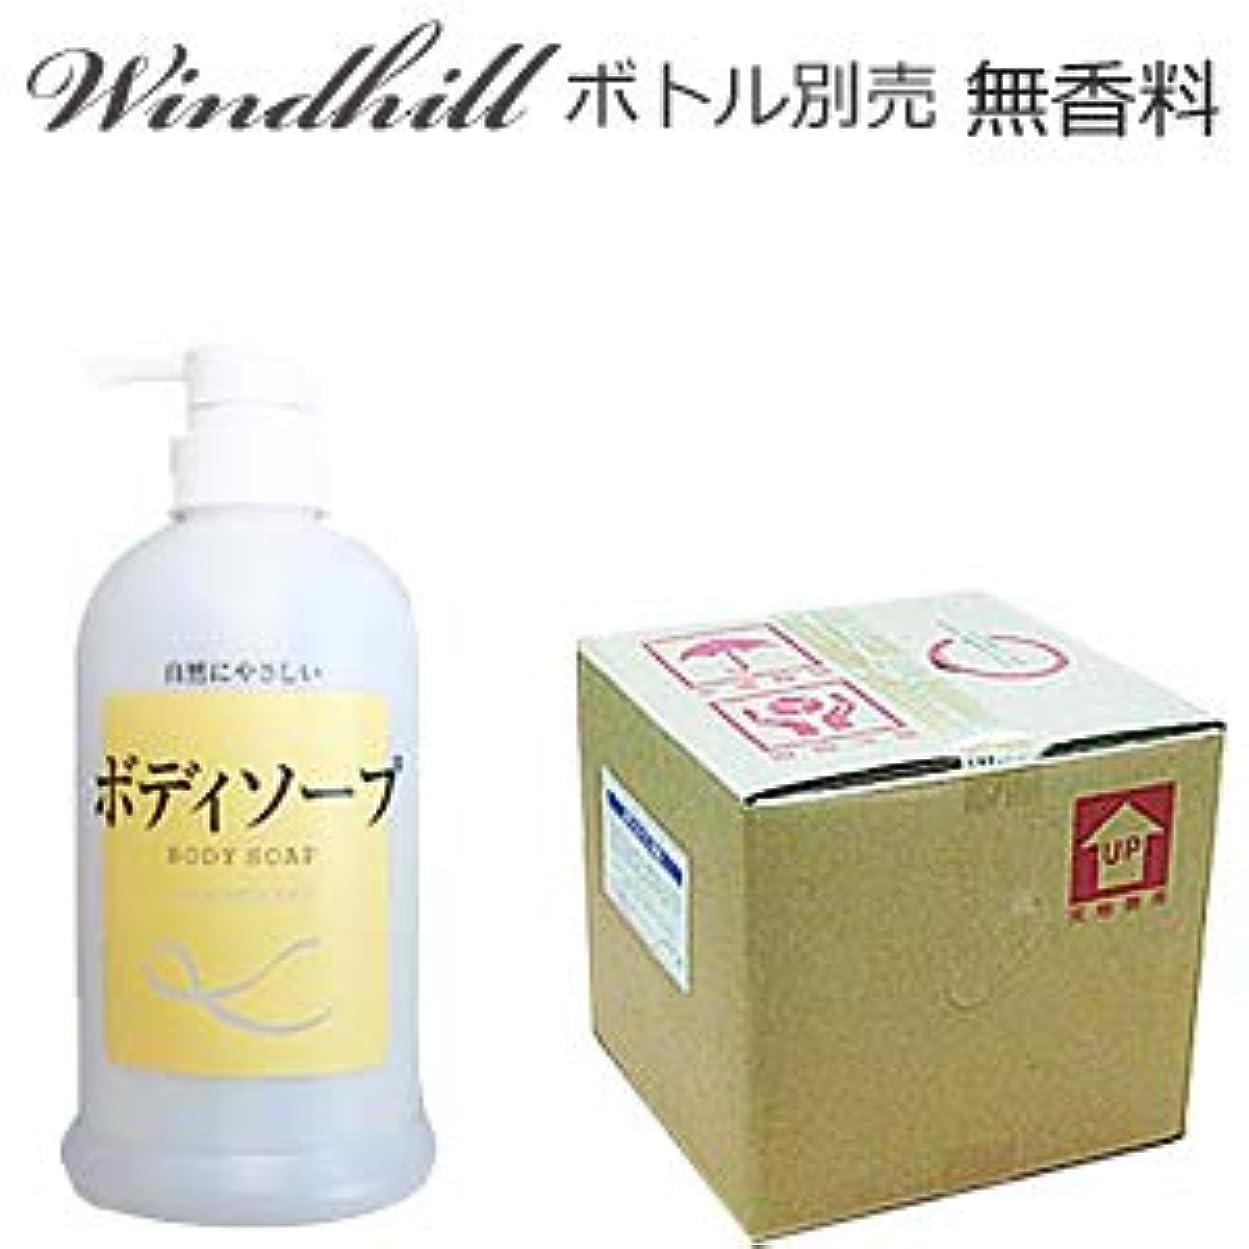 キウイ弾丸スチュワーデスWindhill 植物性 業務用ボディソープ 無香料 20L(1セット20L入)